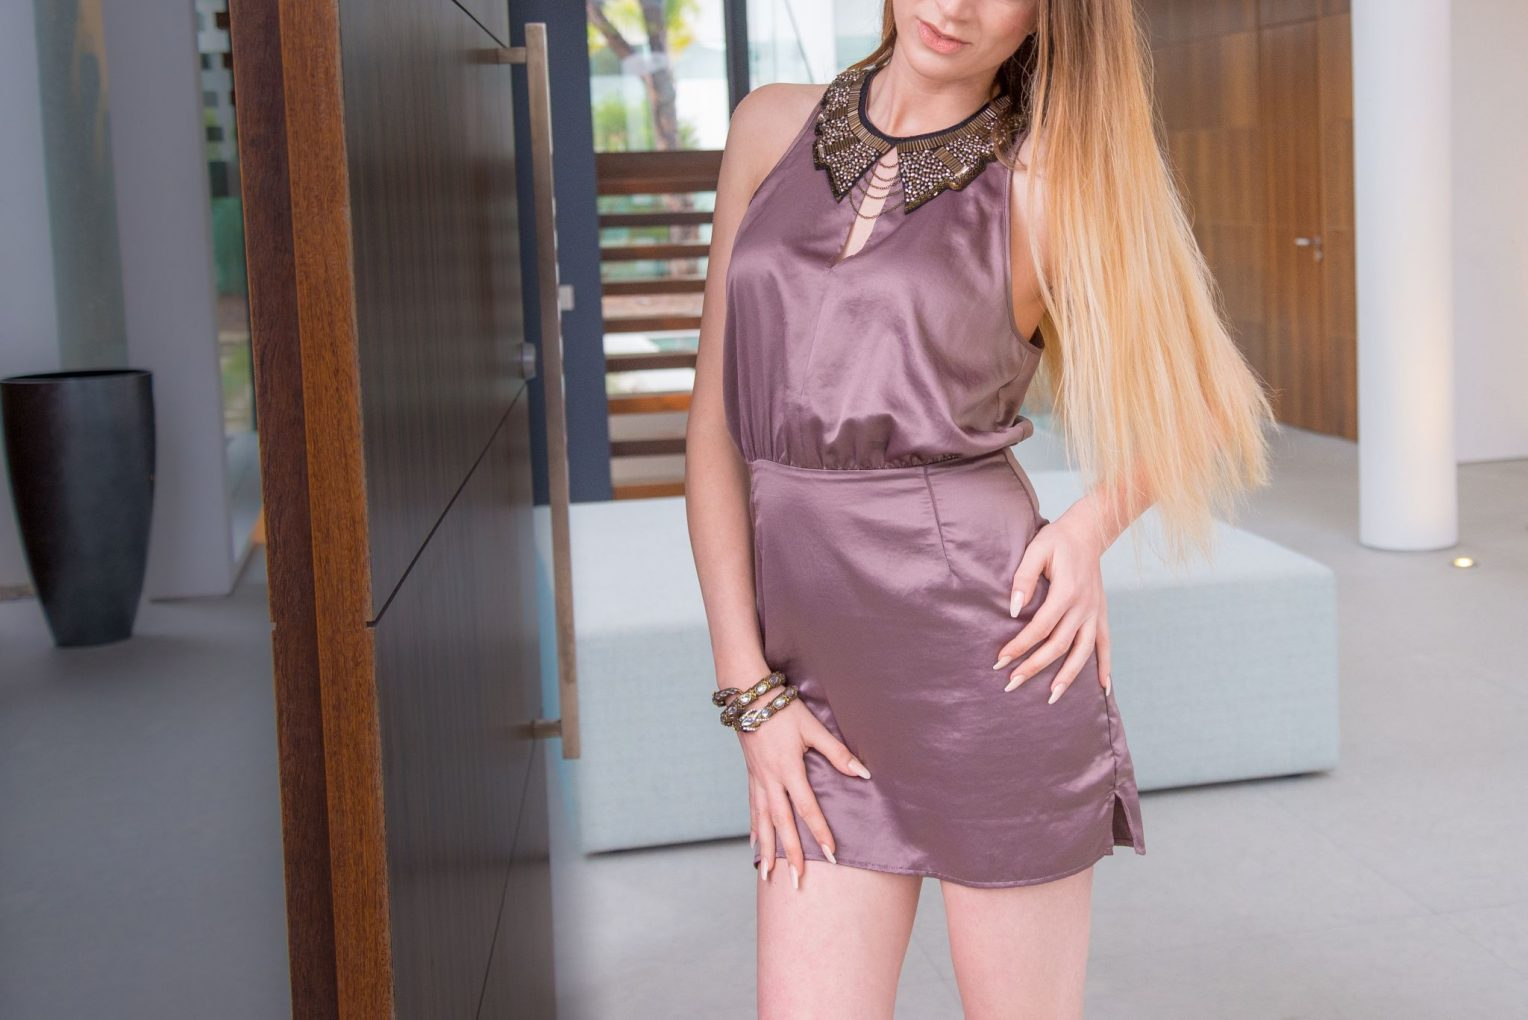 Megan VIP Escort